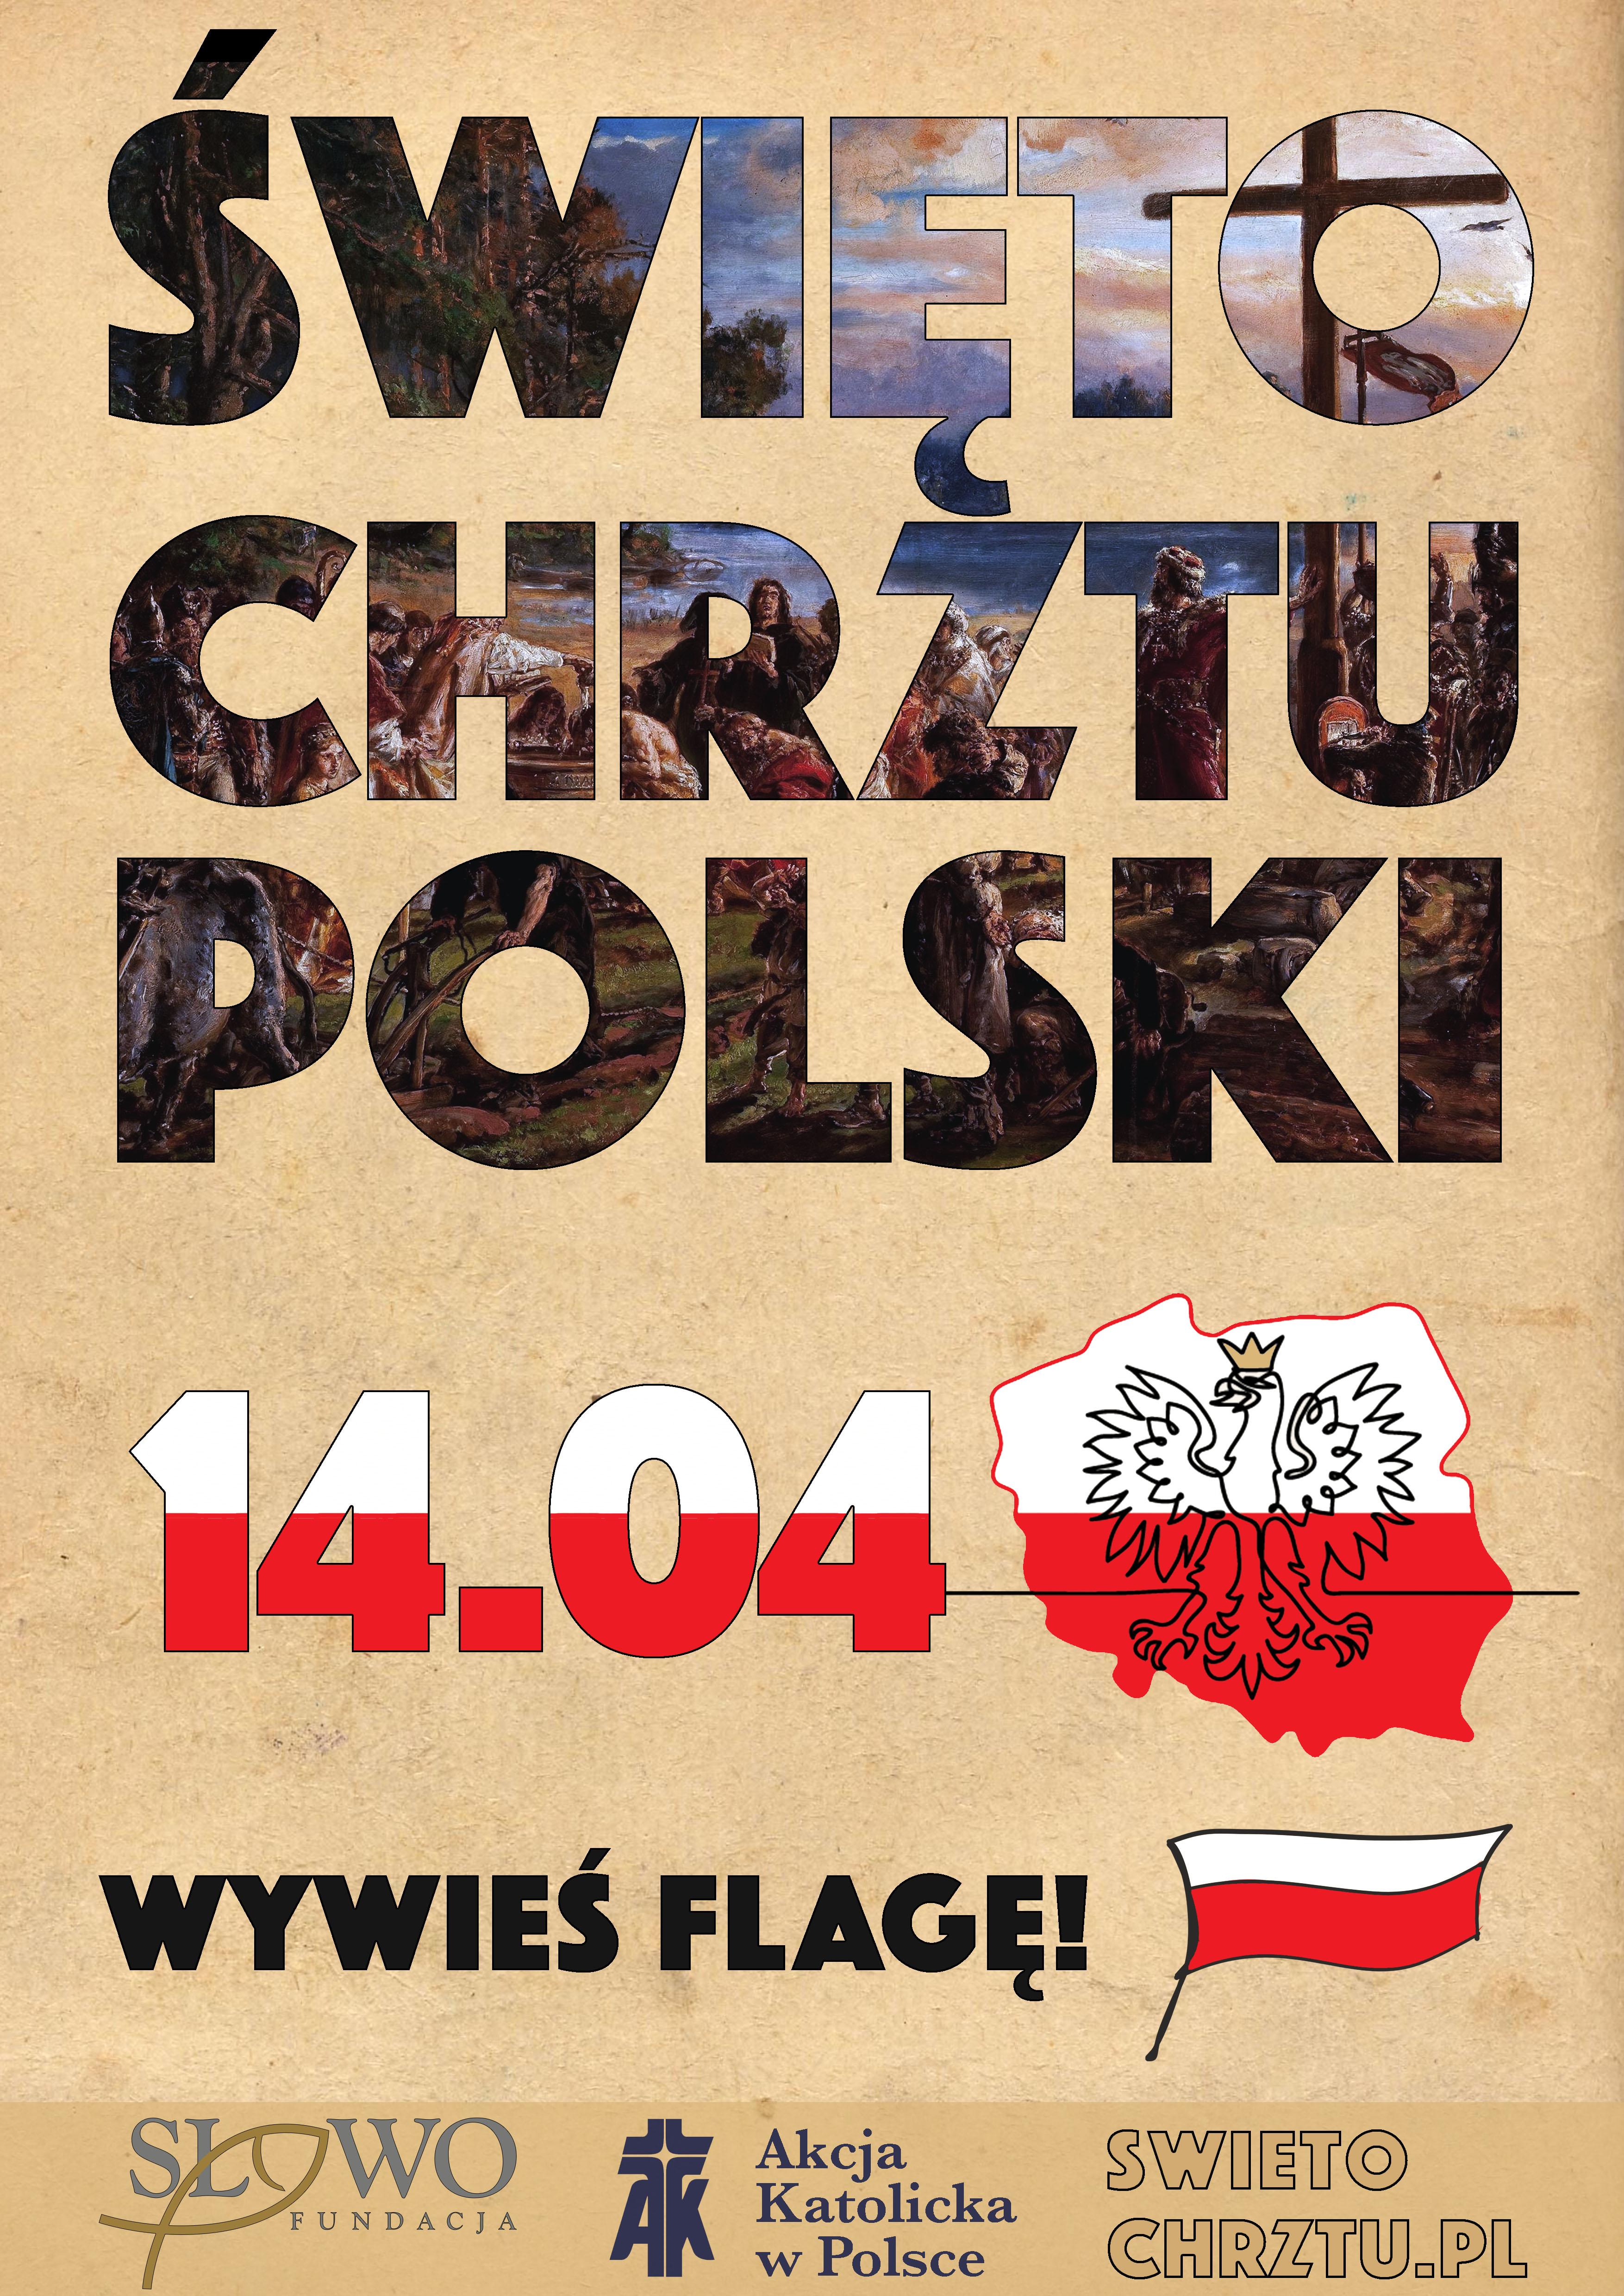 Święto Chrztu Polski, 14 kwietnia. Wywieś   flagę! Fundacja Słowo, Akcja Katolicka w Polsce,   swietochrztu.pl